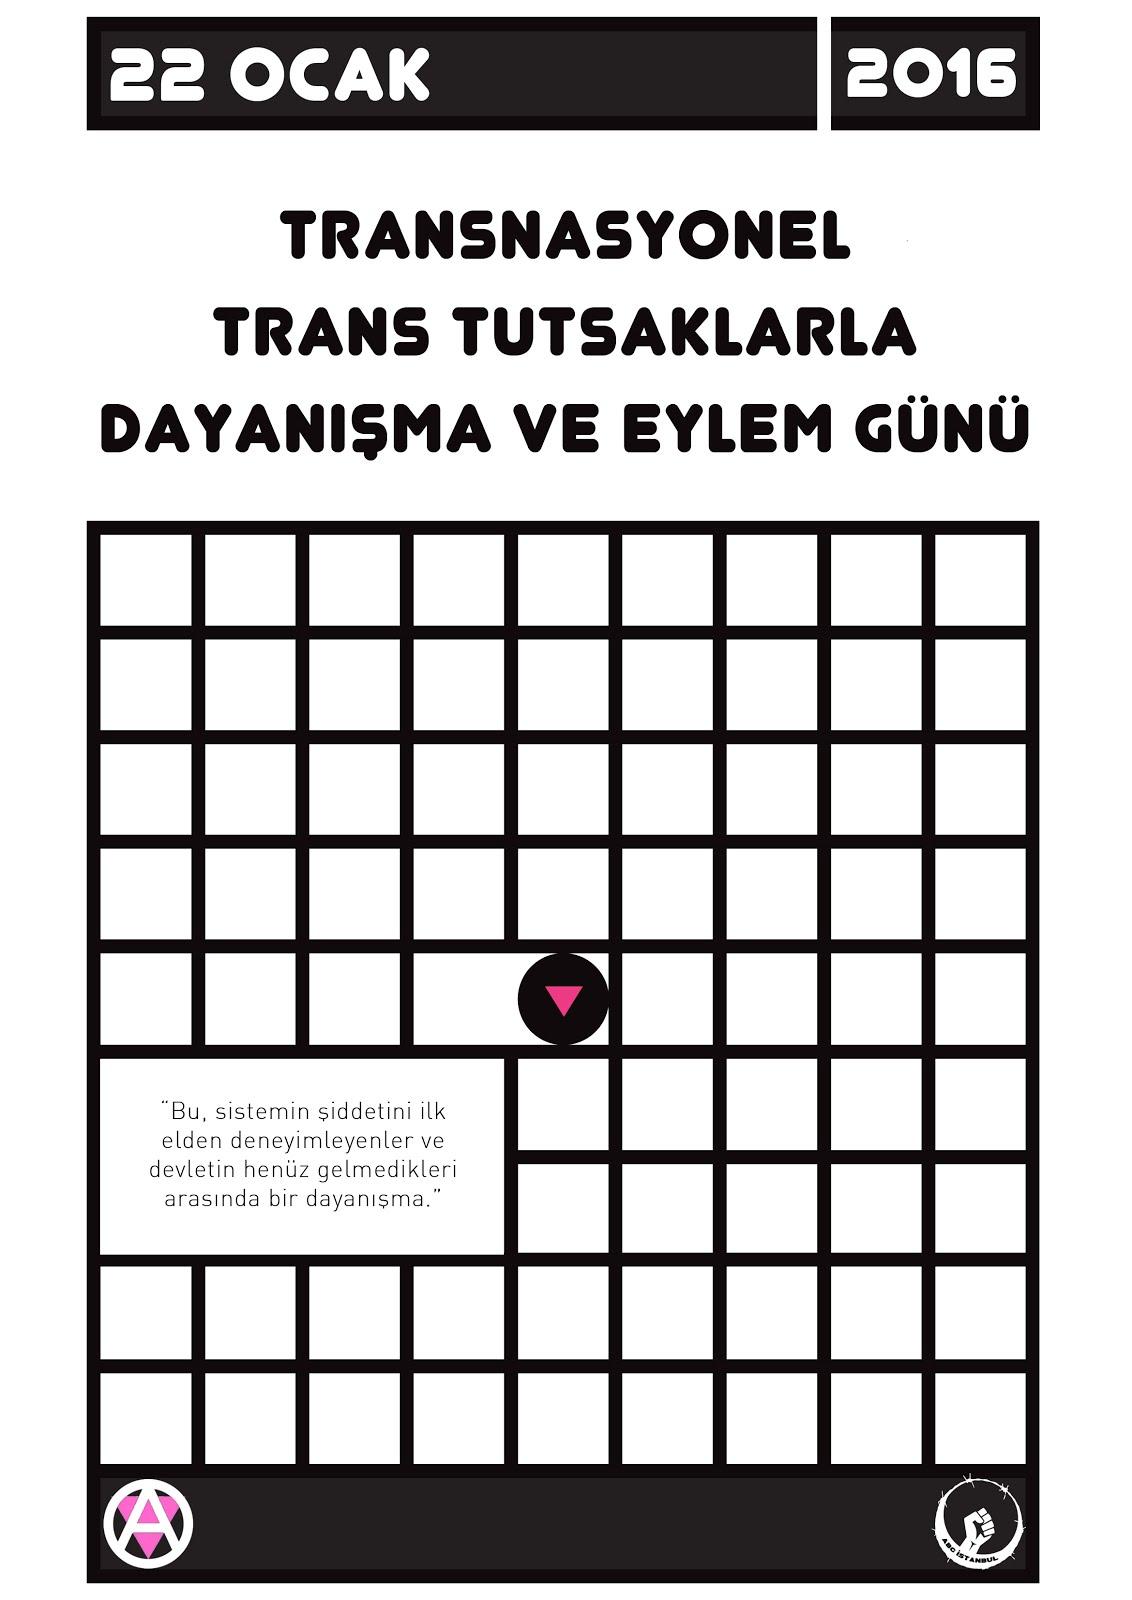 Trans Tutsaklarla Dayanışma ve Eylem Günü